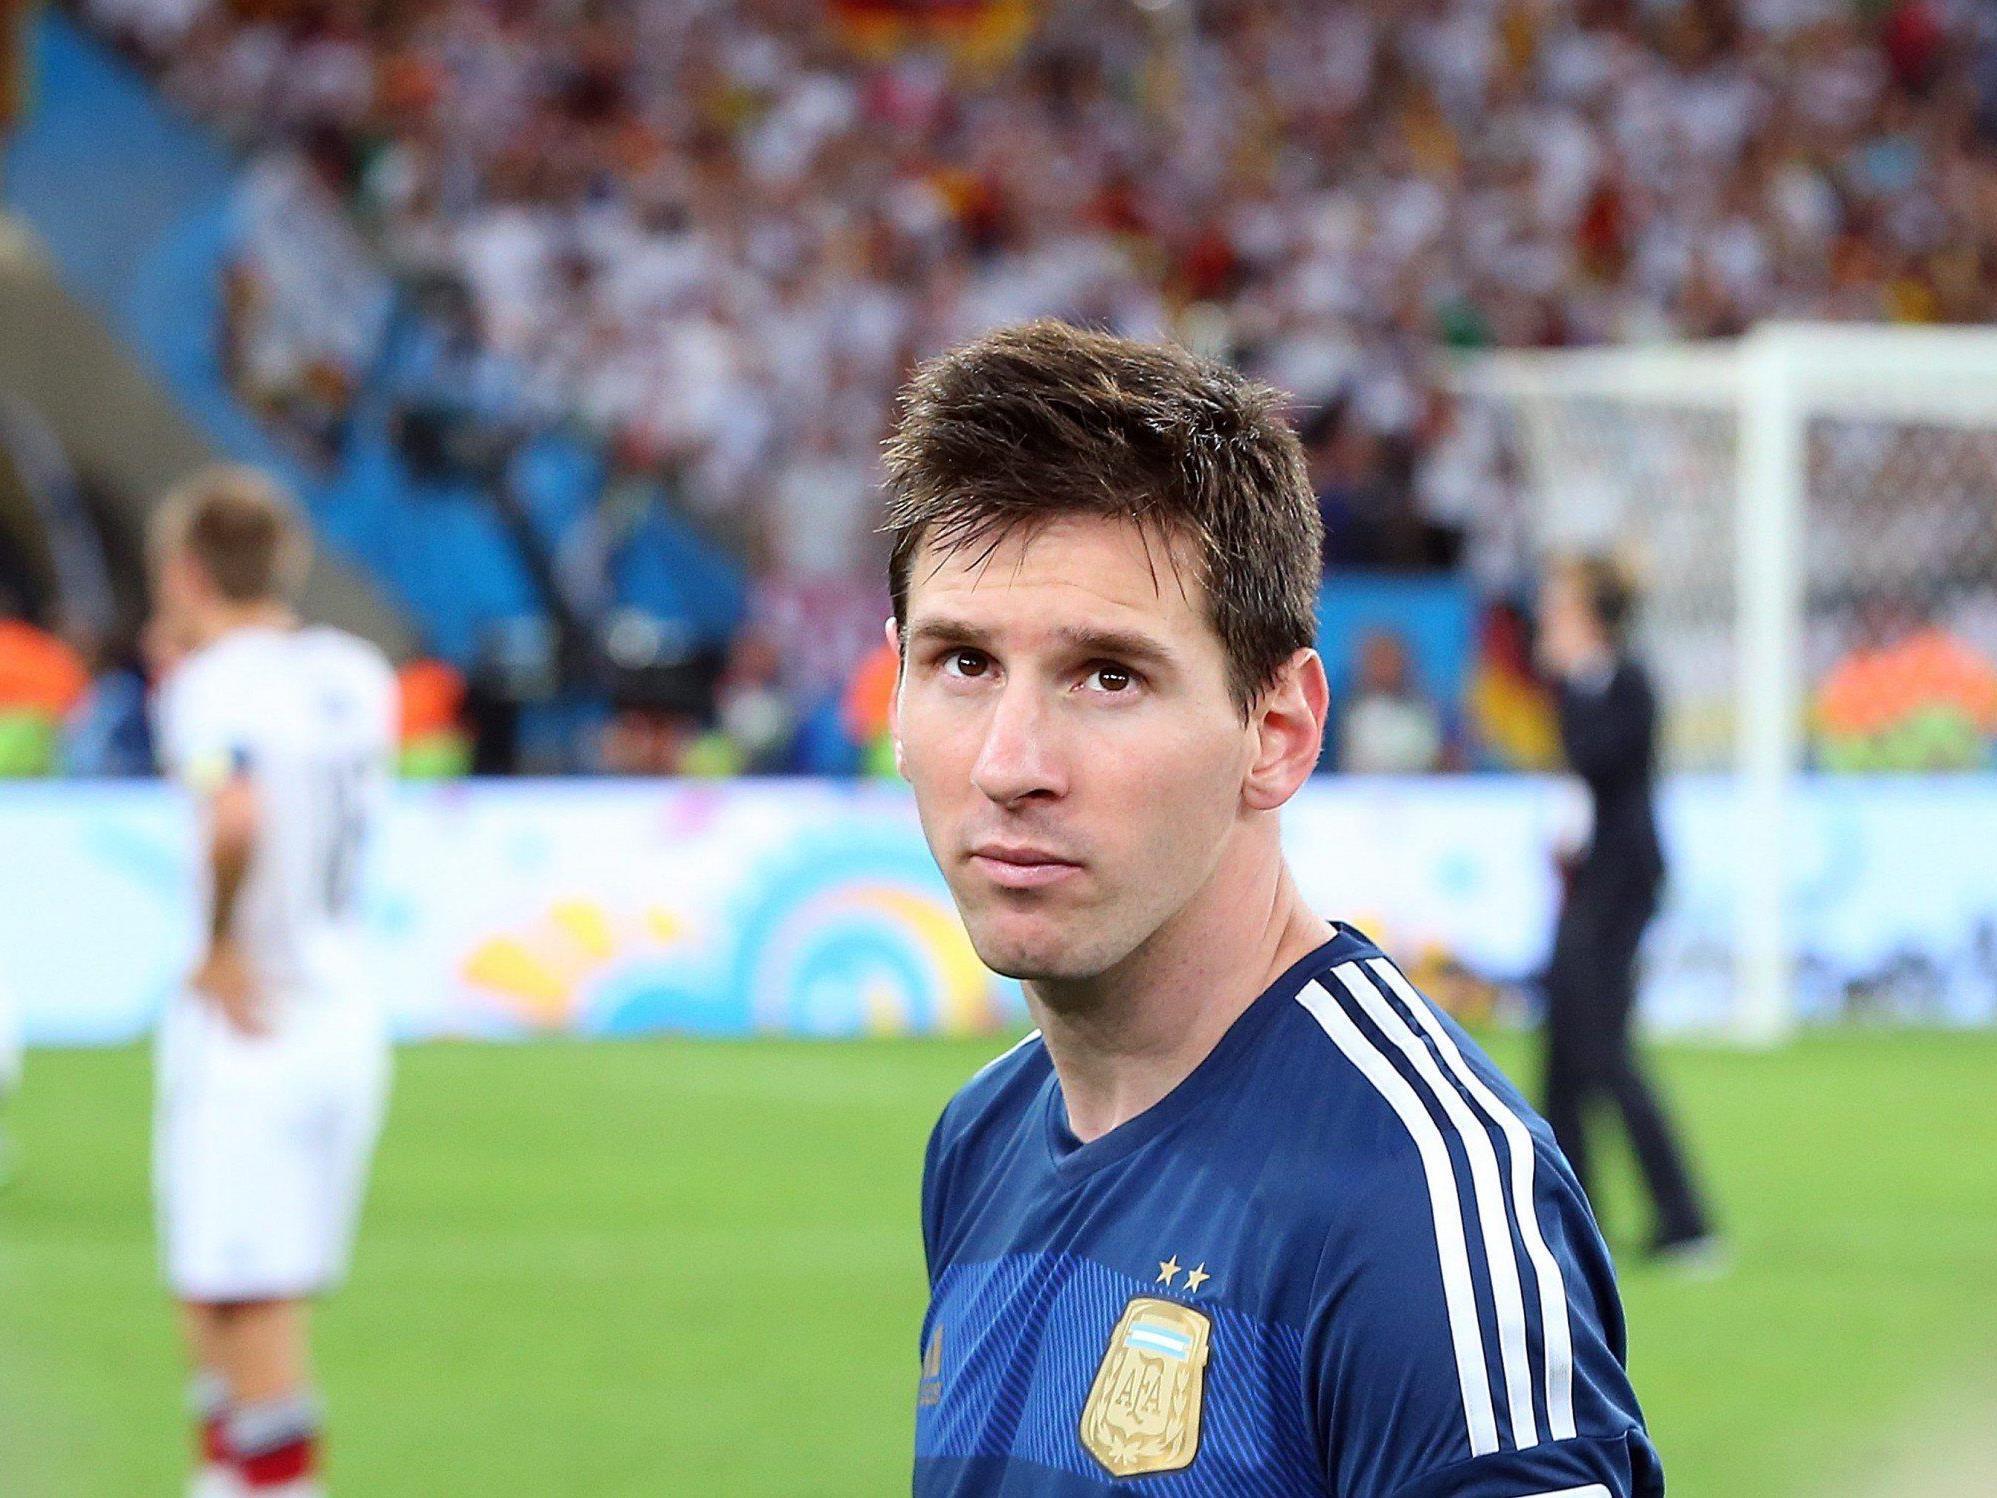 Die Auszeichnung als bester Spieler des Turniers war nach der Niederlage gegen Deutschland kein Trost für Messi.